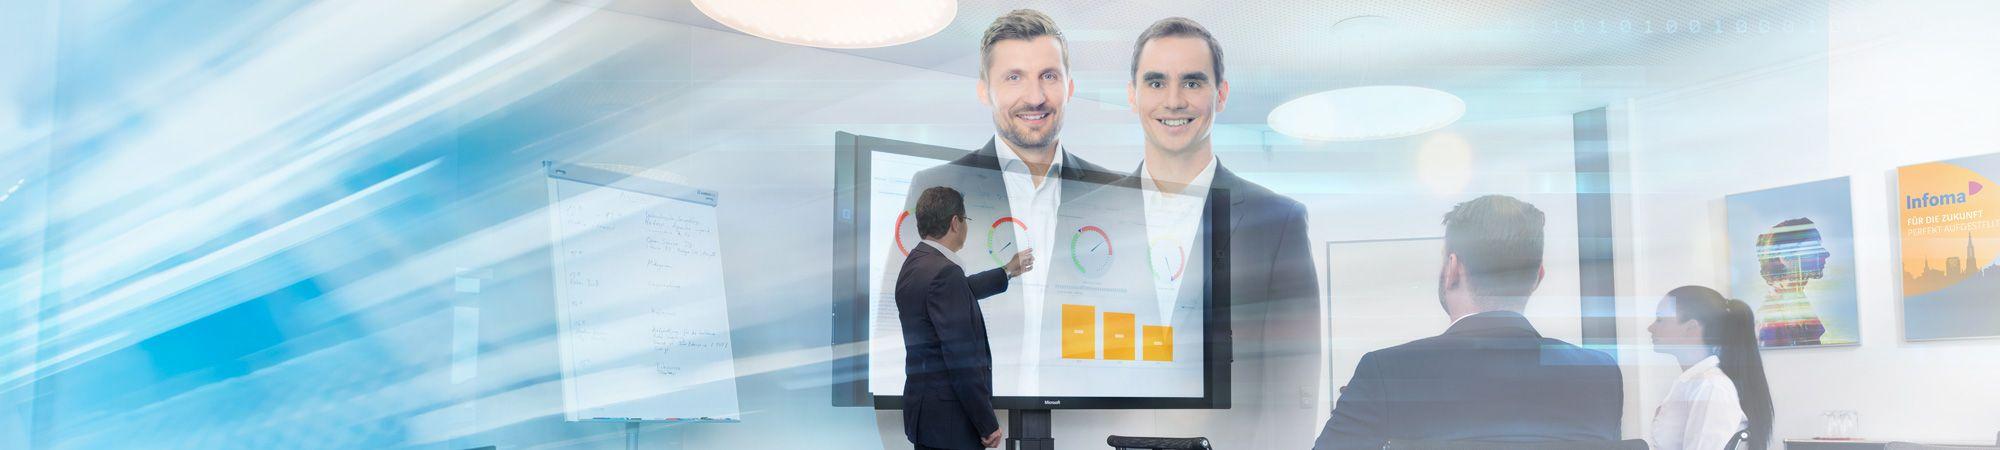 Berichtswesen Plus und Business Intelligence – Liefern einheitliche und zentrale Informationen für alle Anwender